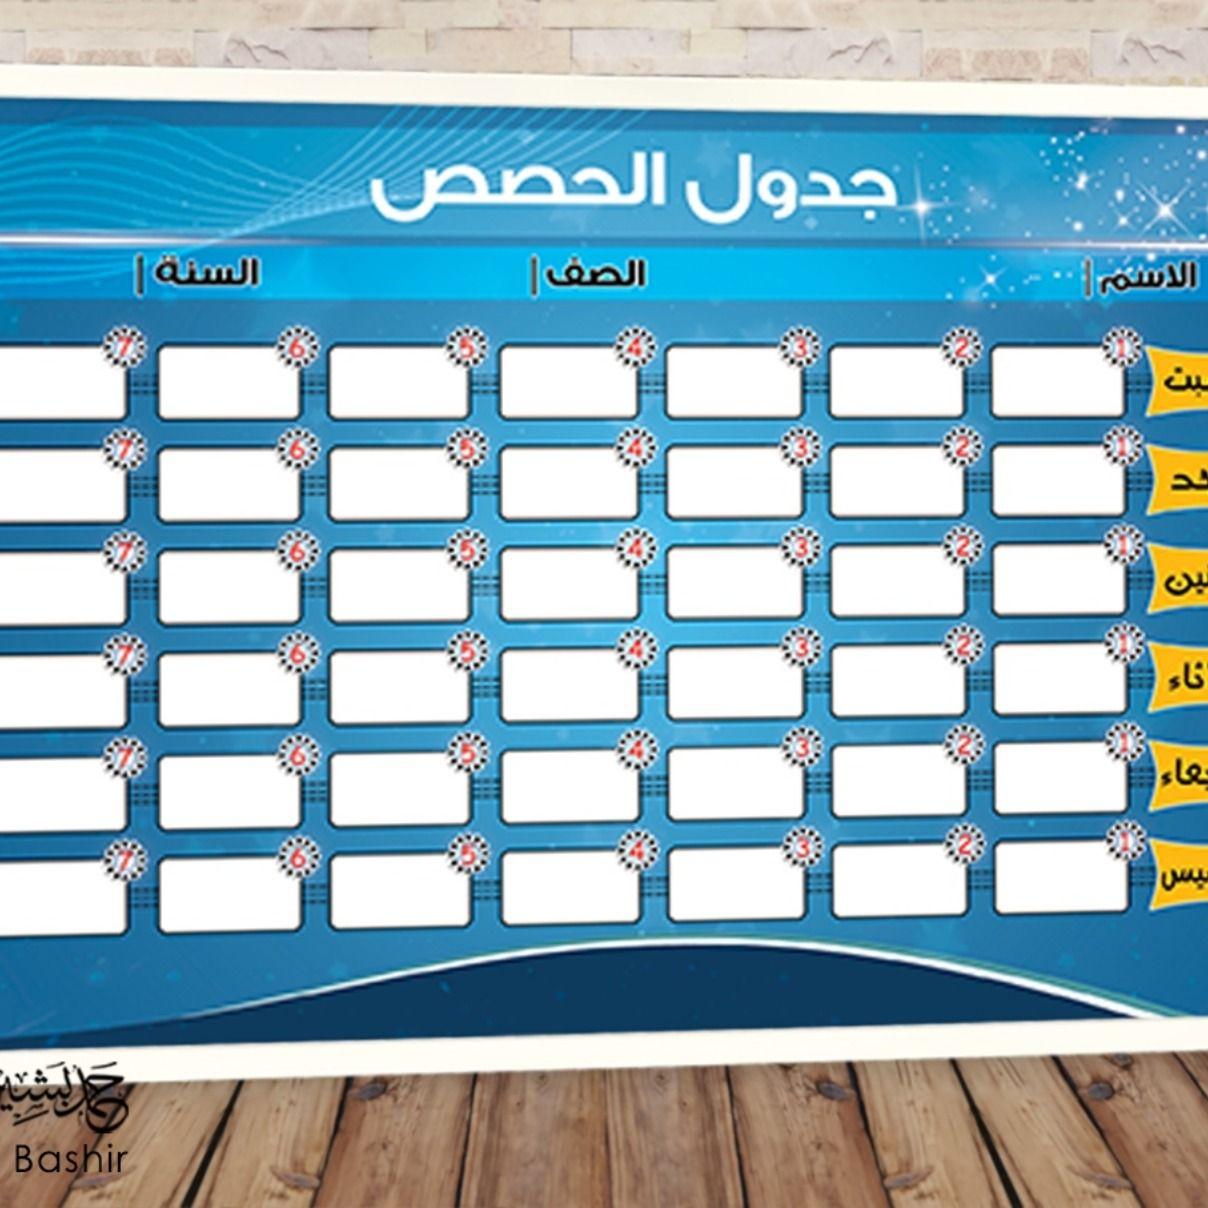 جدول حصص الاسبوعي المدرسي جاهز للطباعة شكل 4 Blog Blog Posts Post